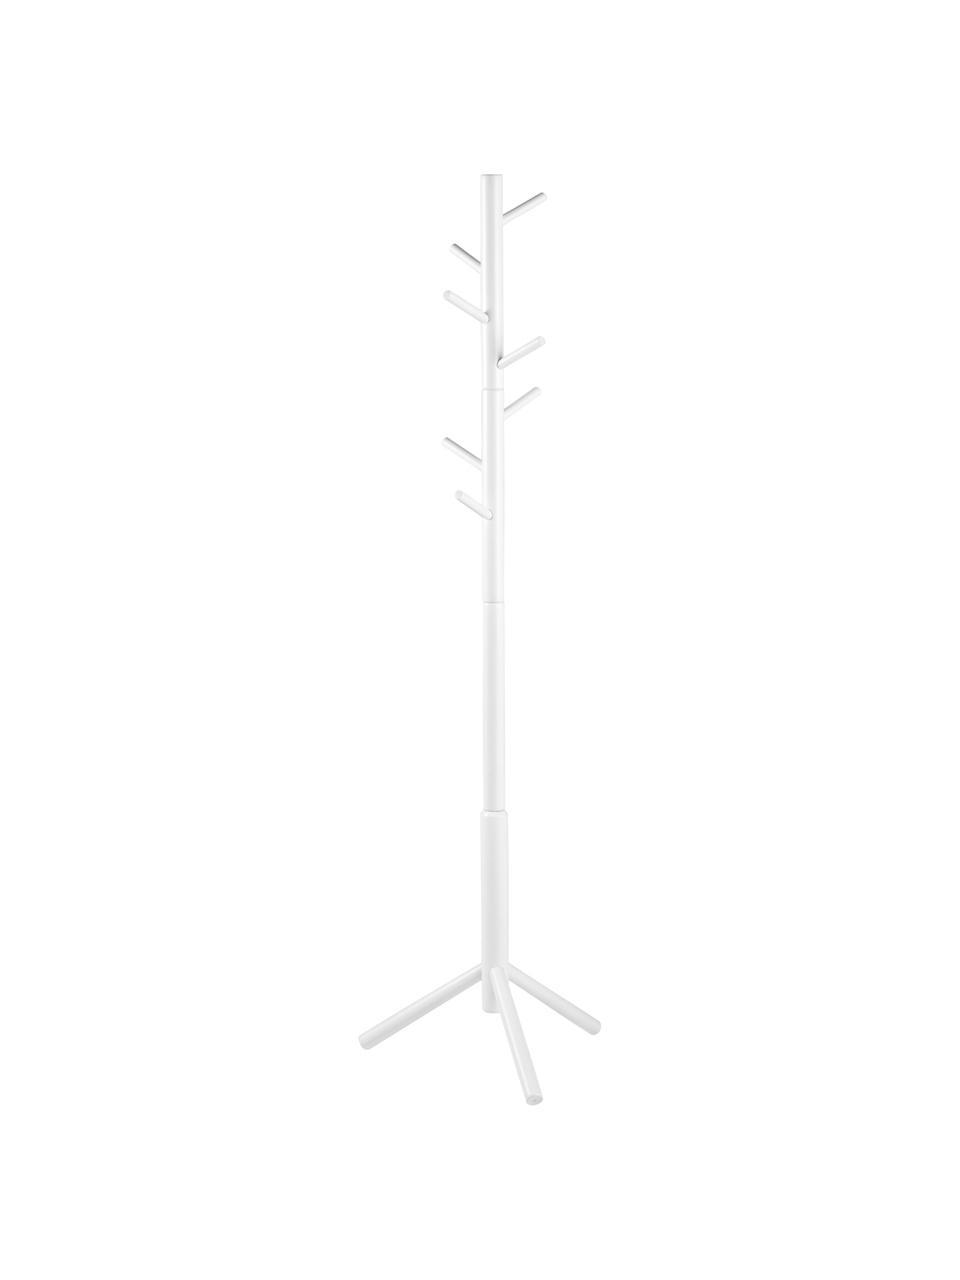 Wieszak stojący z drewna z 6 hakami Bremen, Drewno kauczukowe, lakierowane, Biały, S 51 x W 176 cm